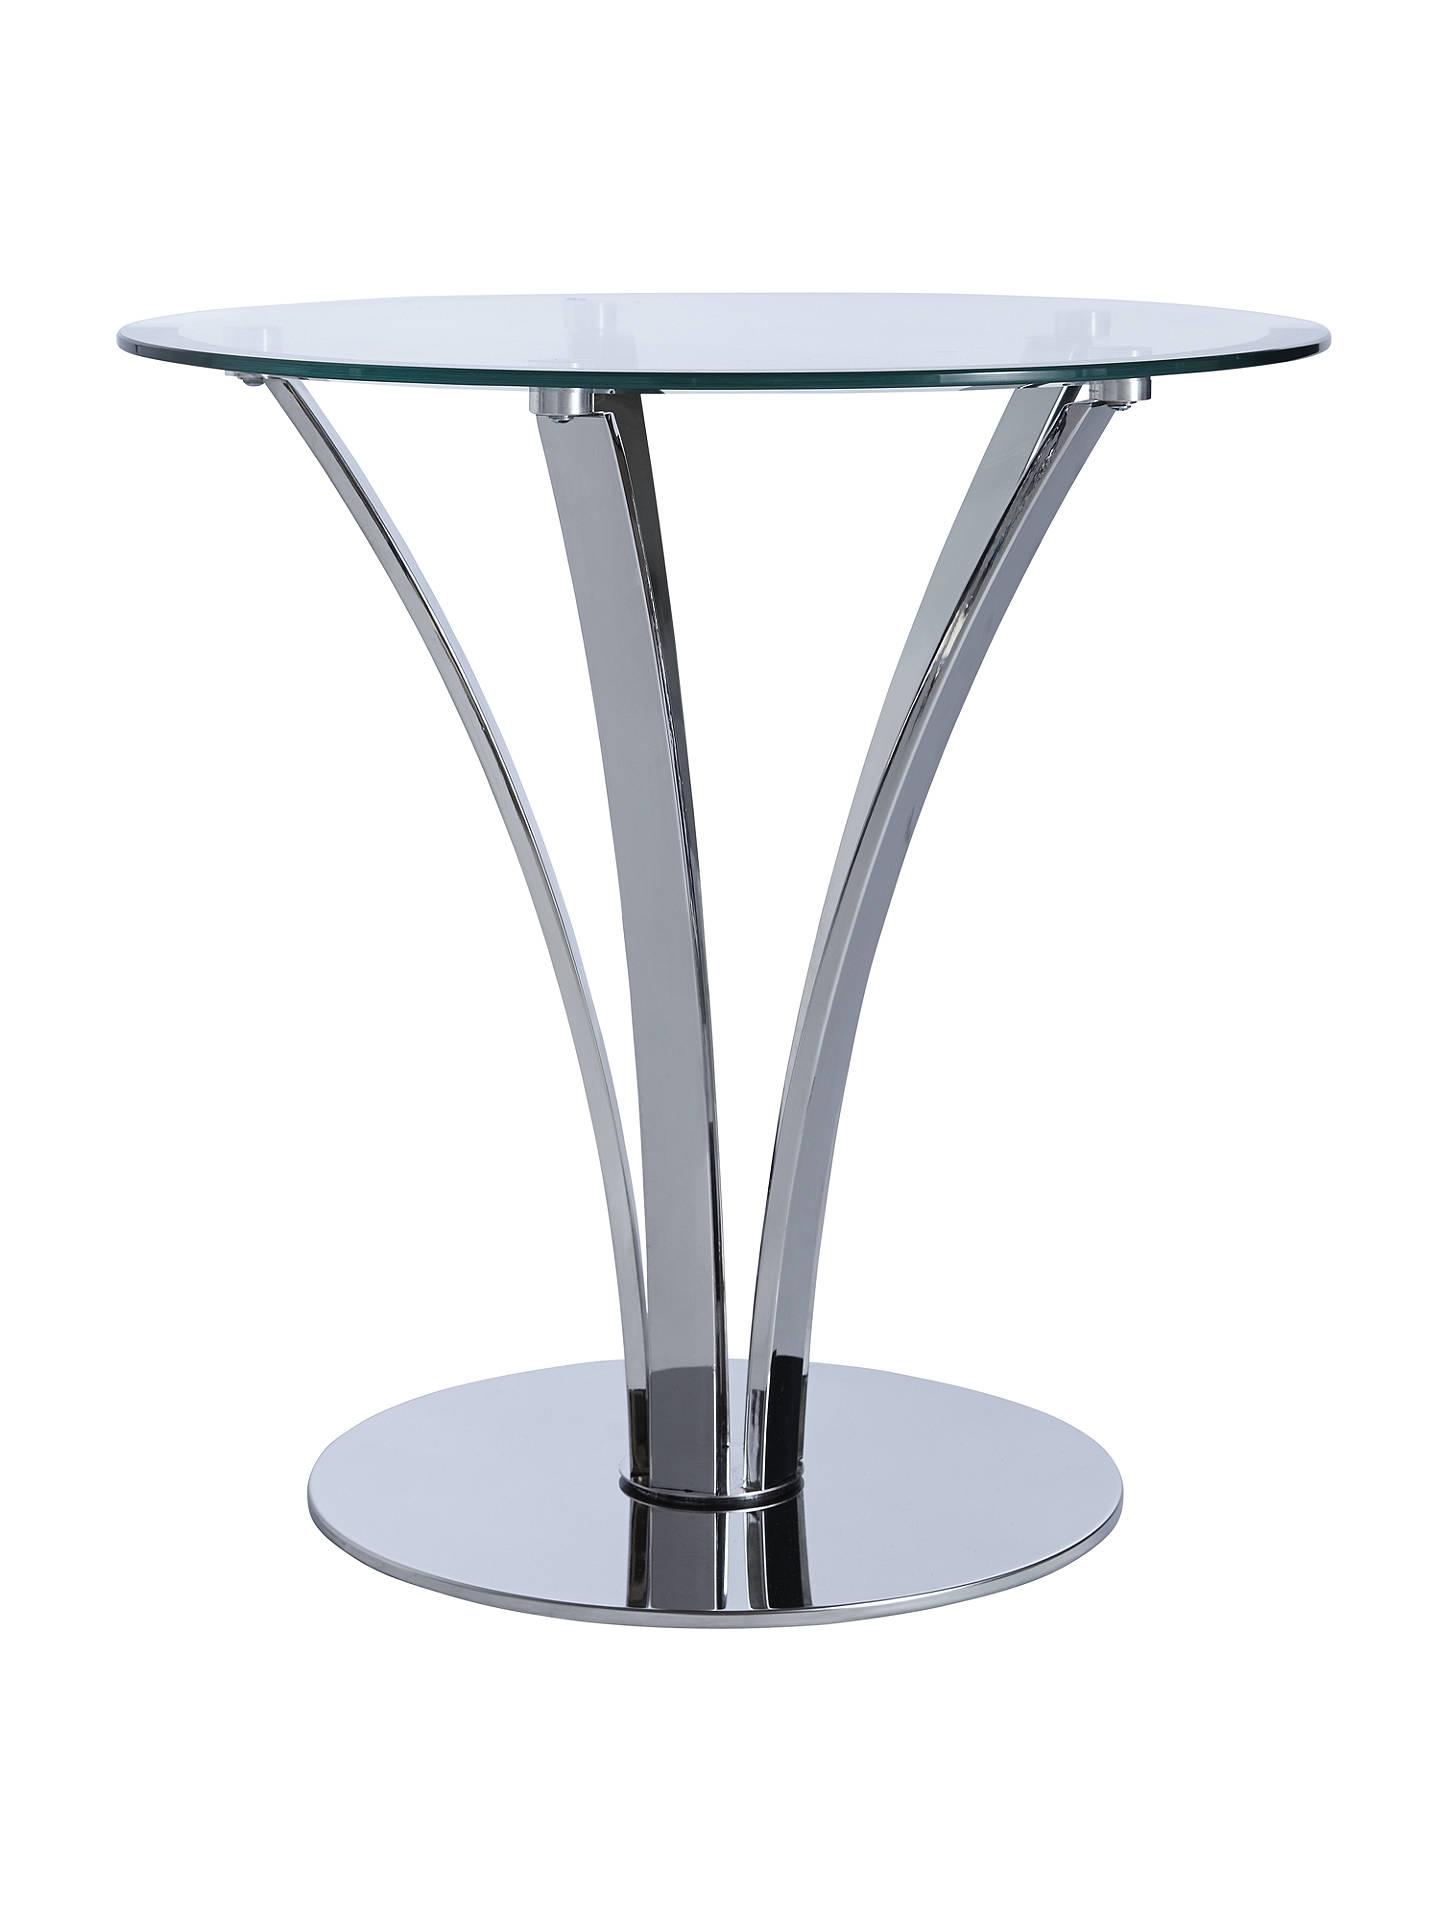 john lewis moritz side table at john lewis partners. Black Bedroom Furniture Sets. Home Design Ideas